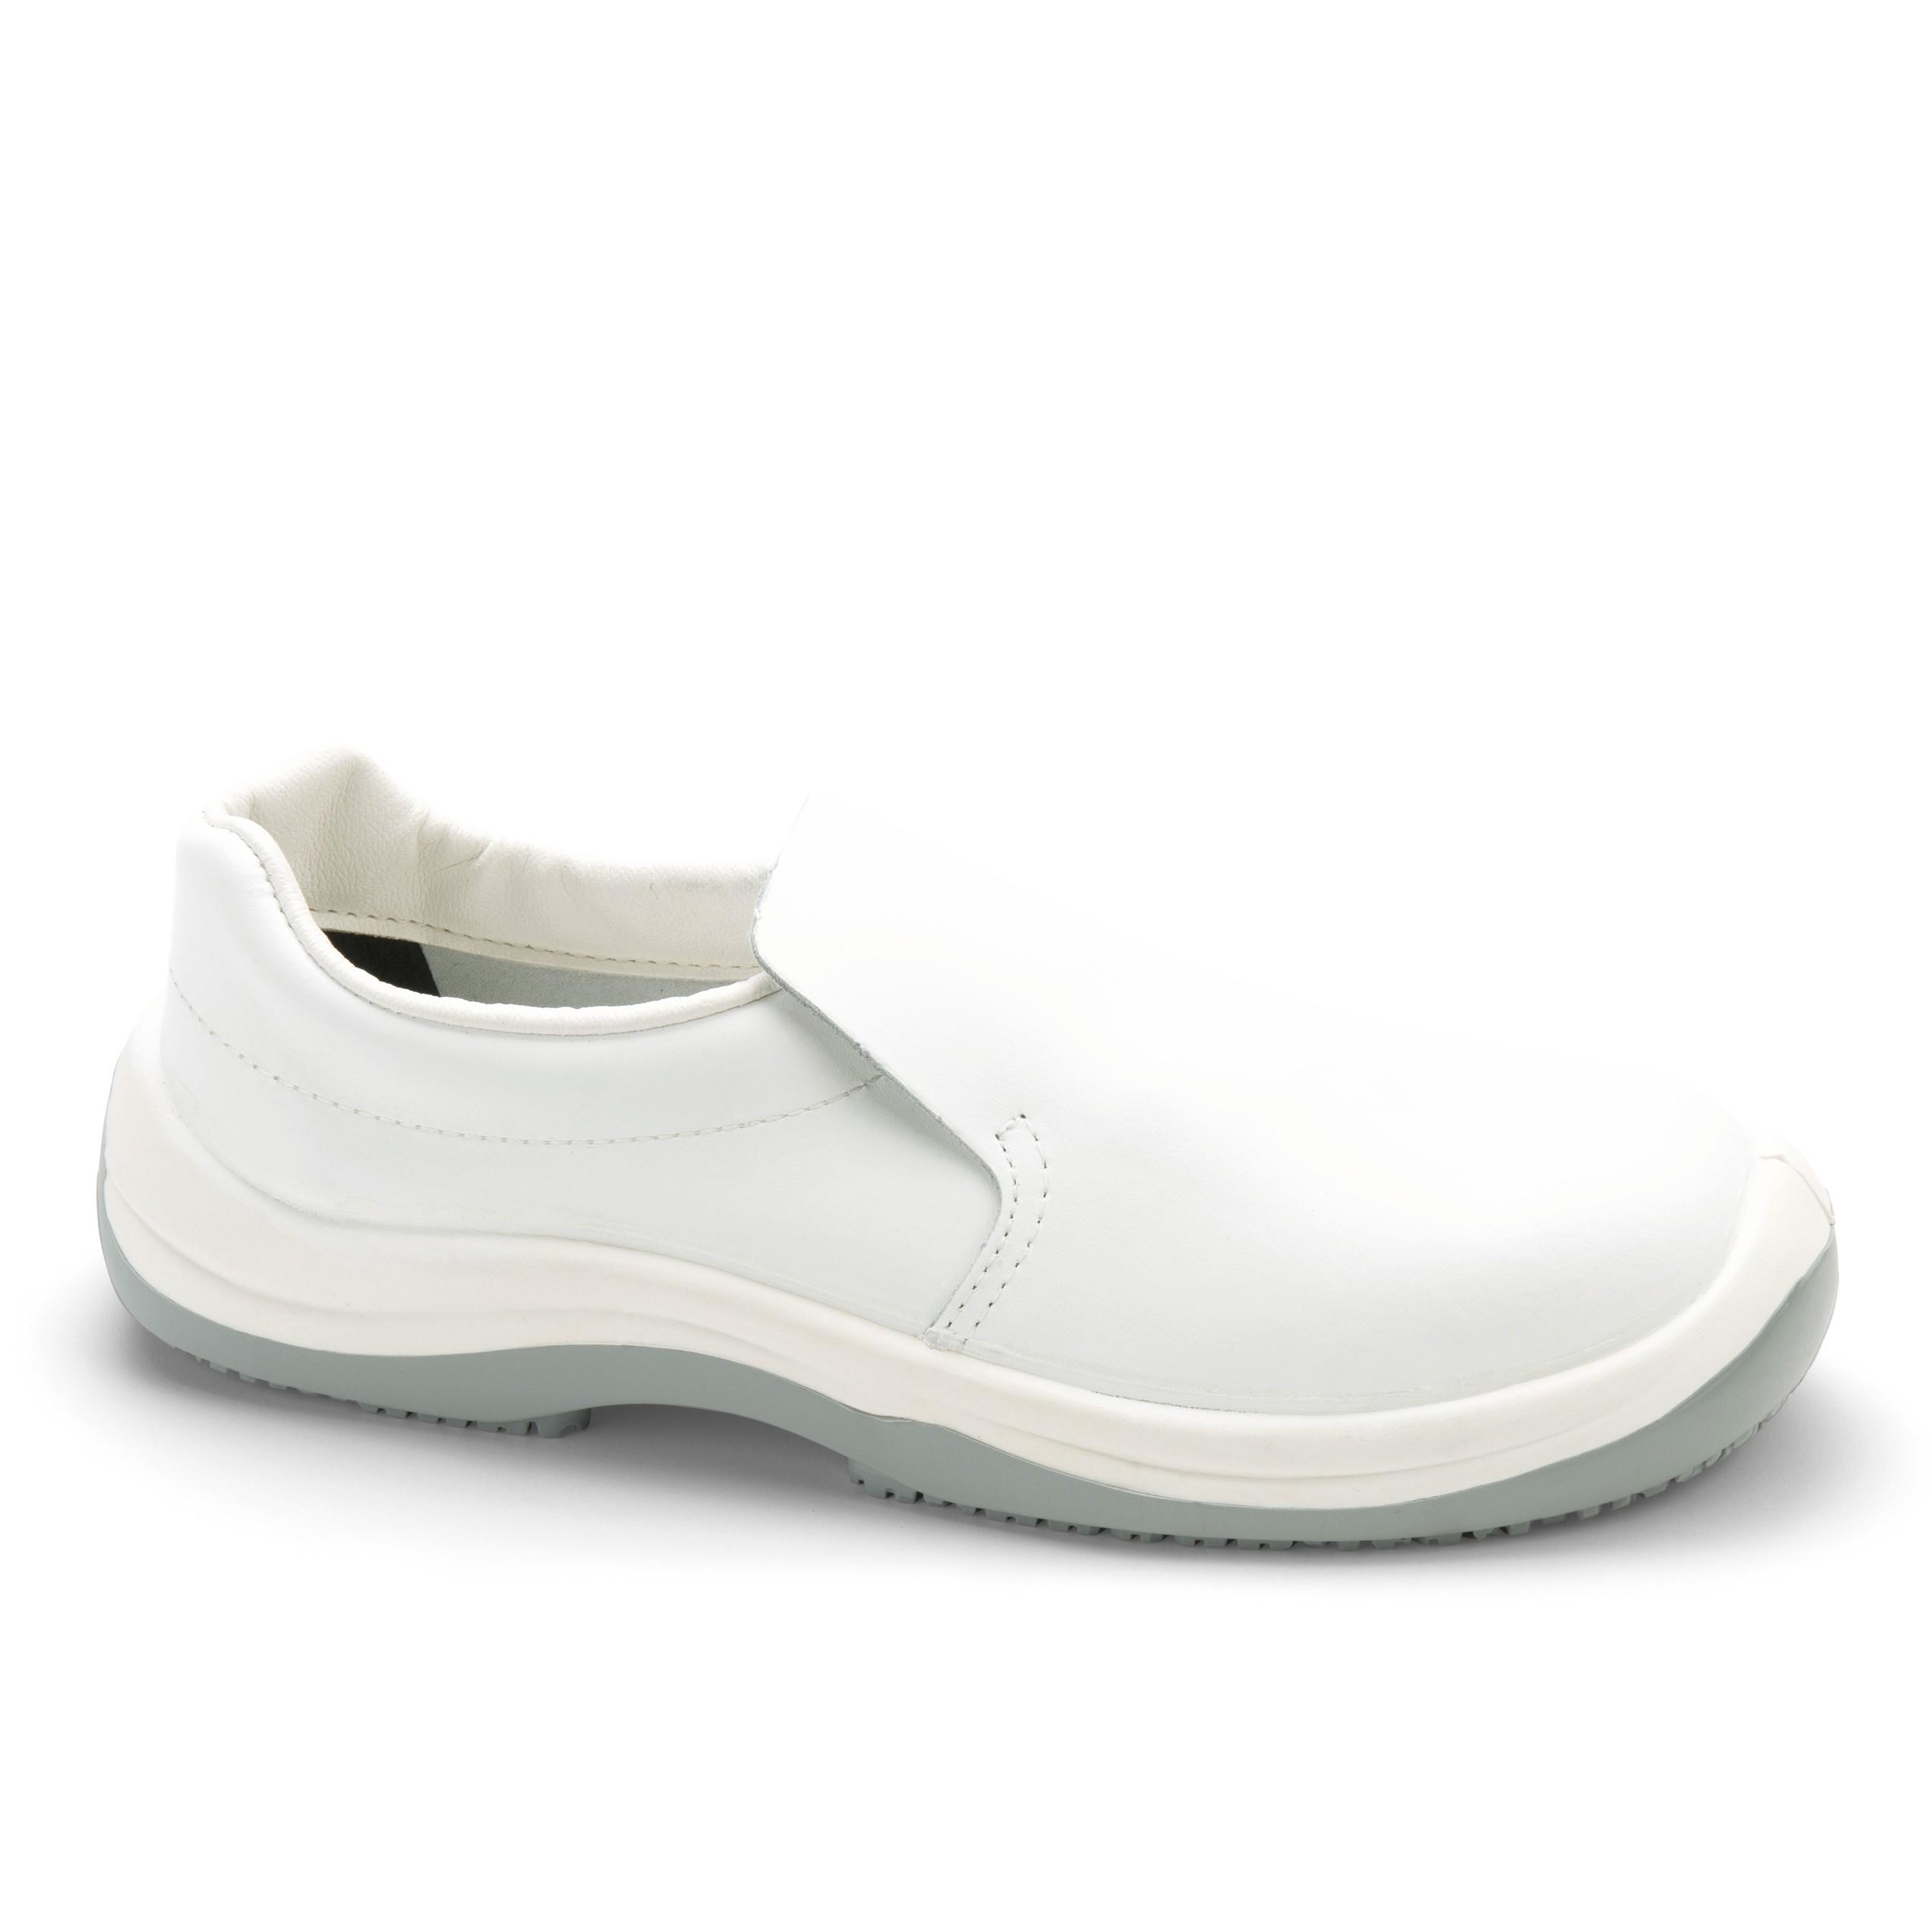 Chaussure sécurité agro...